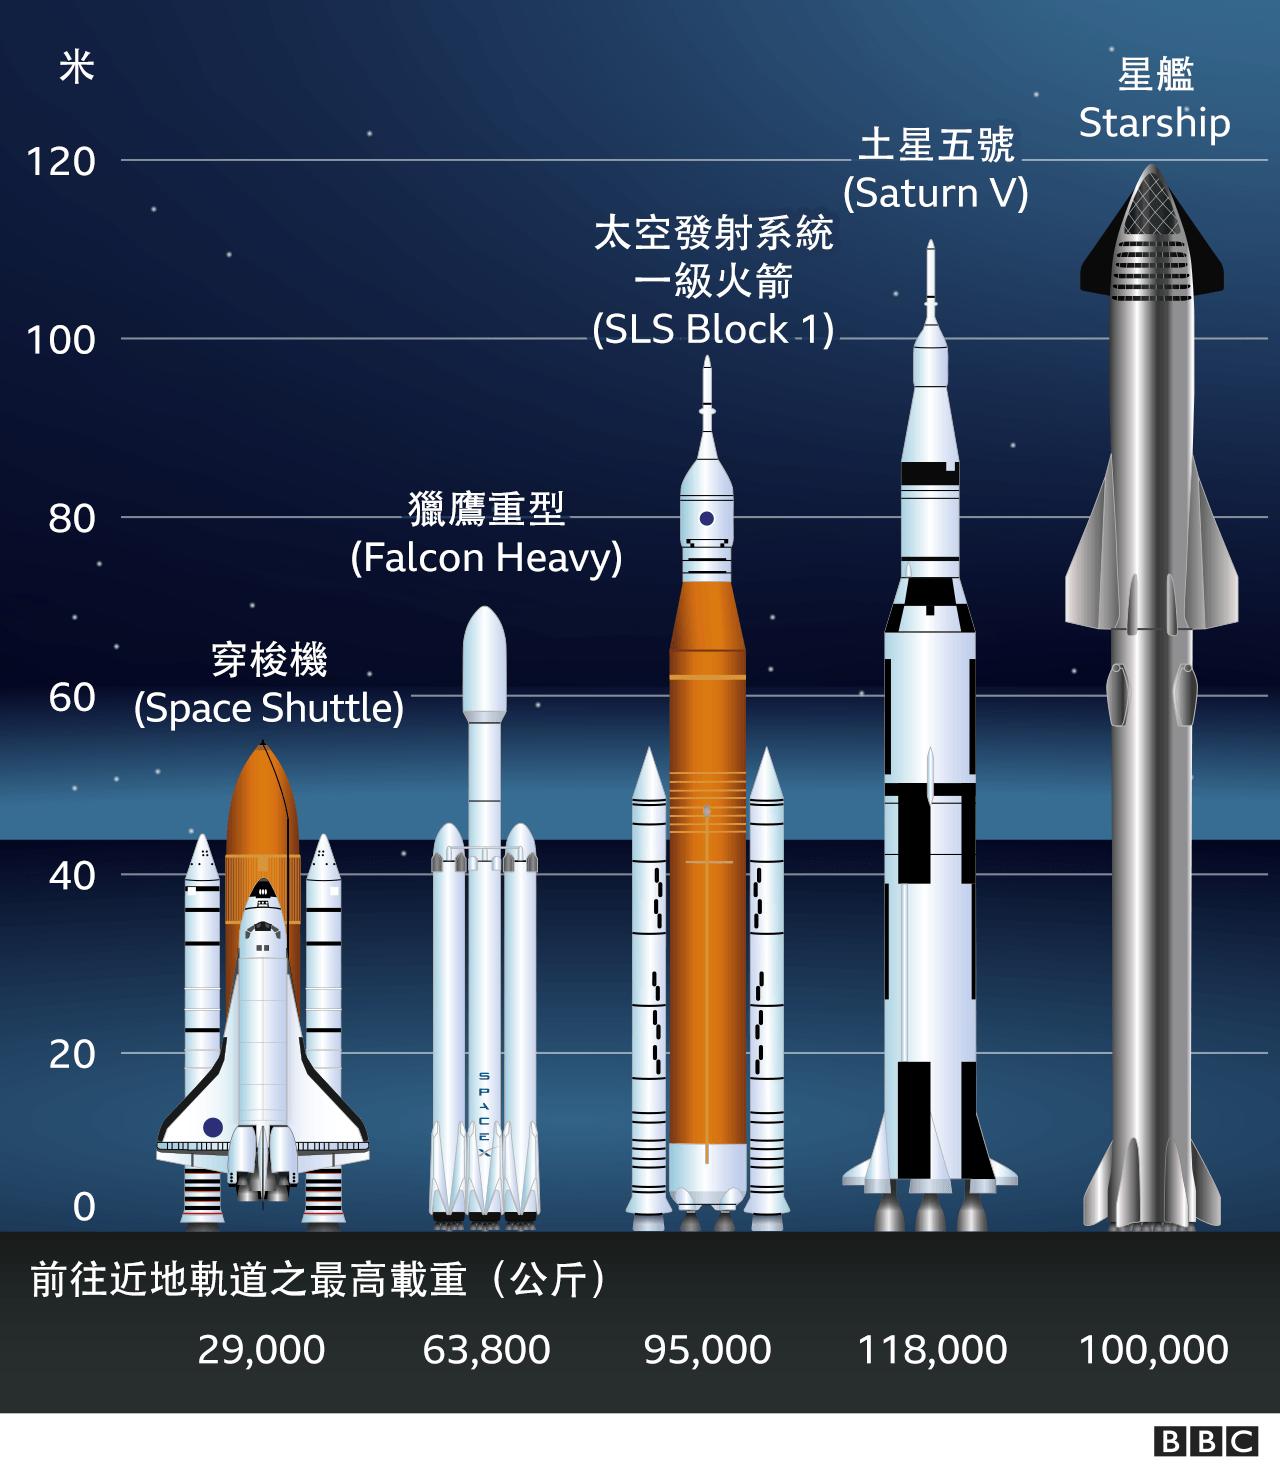 不同宇航火箭比較